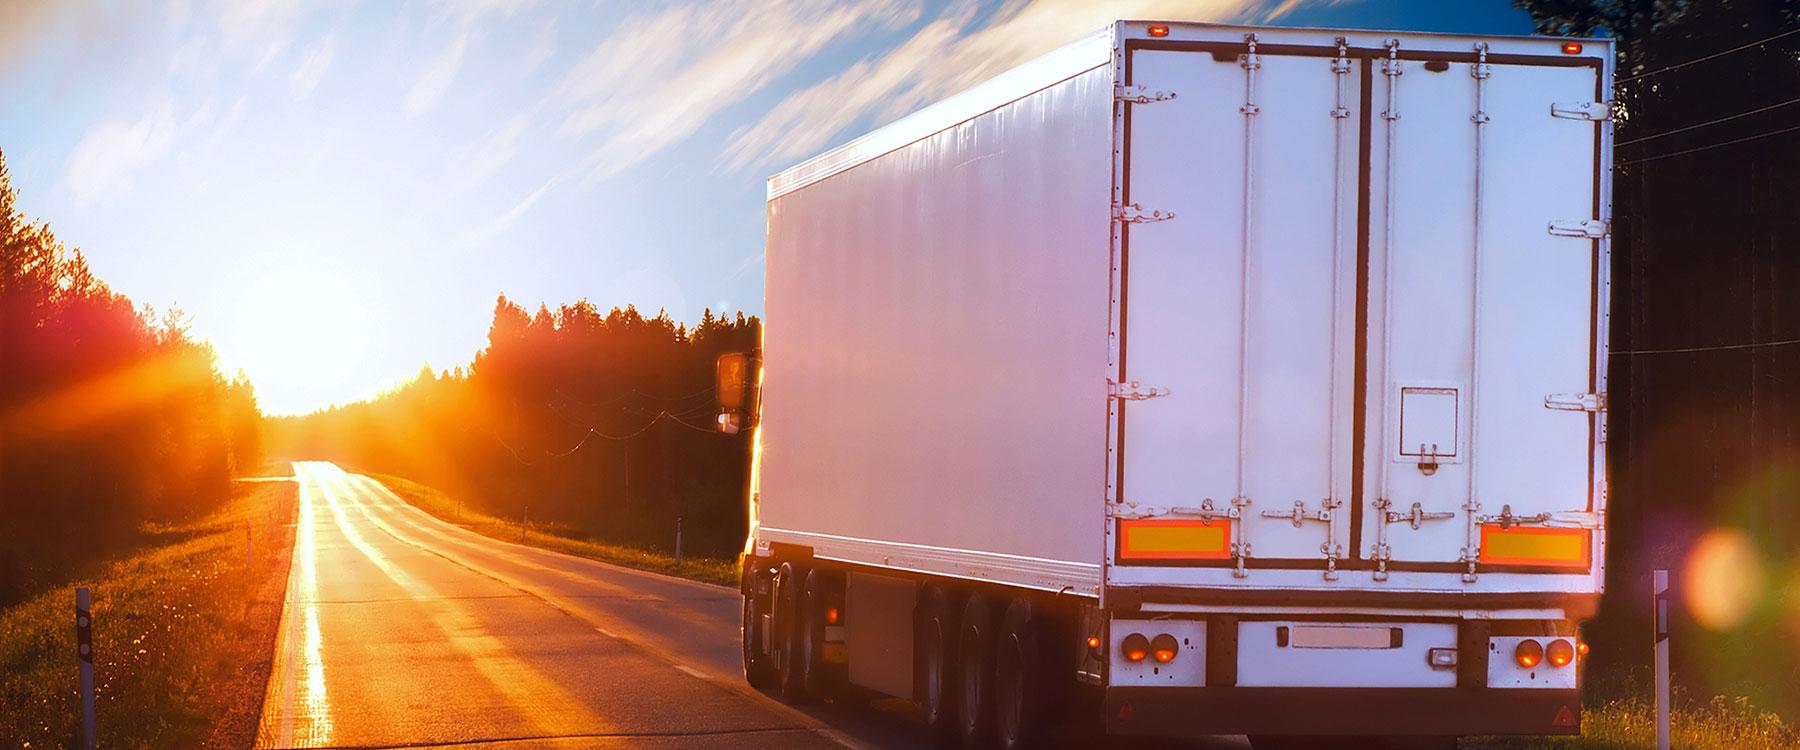 Grundfähigkeitsversicherung für Kraftfahrer